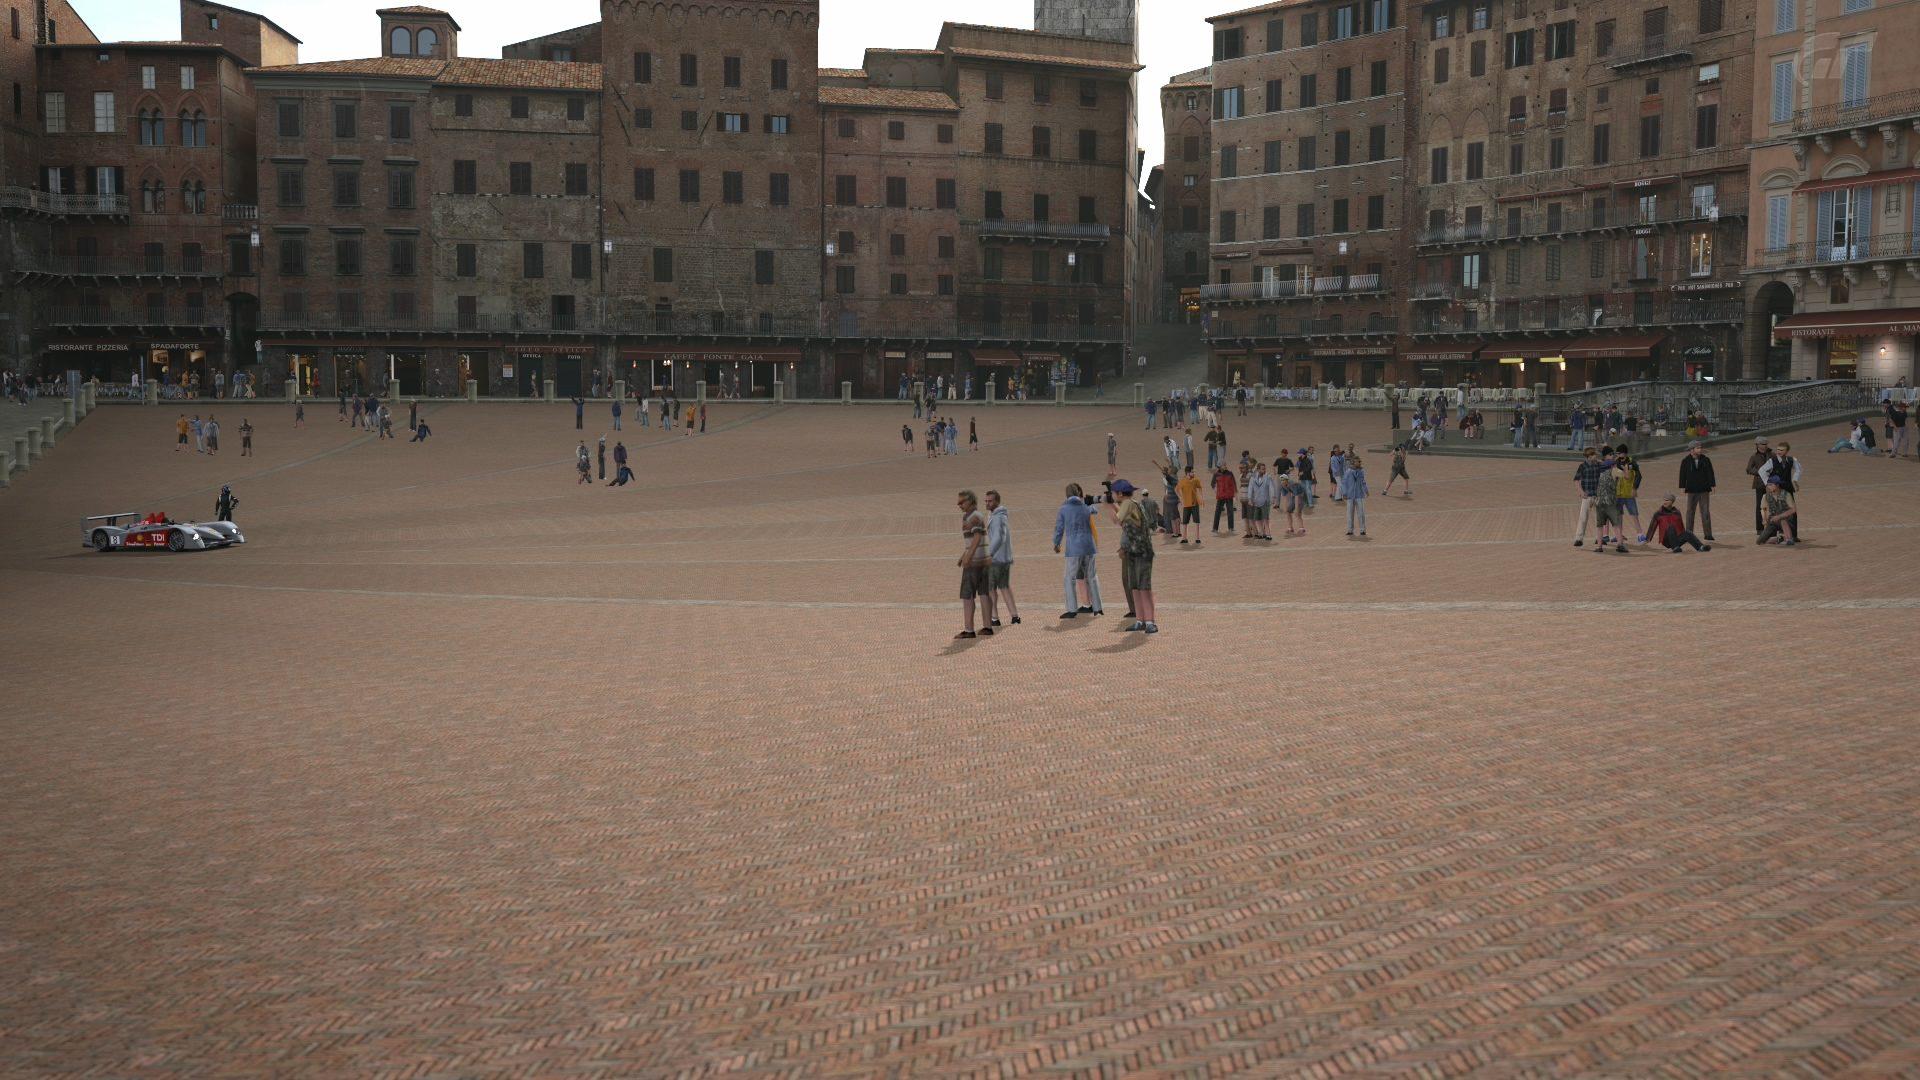 Siena - Piazza del Campo_6.jpg